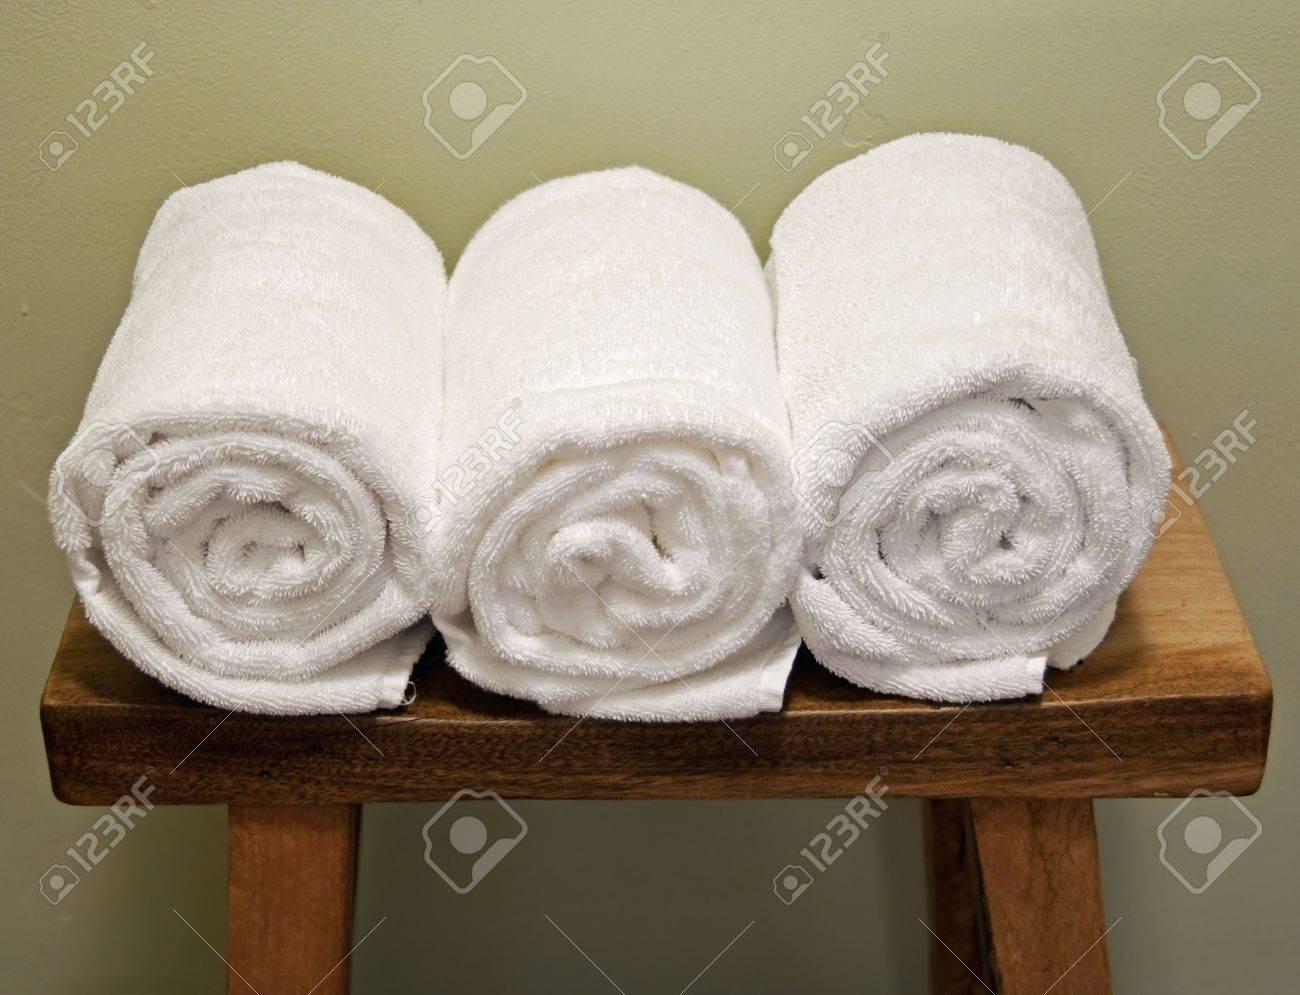 Gut gemocht Saubere Handtücher Rollen Auf Einer Bank Lizenzfreie Fotos, Bilder WE28